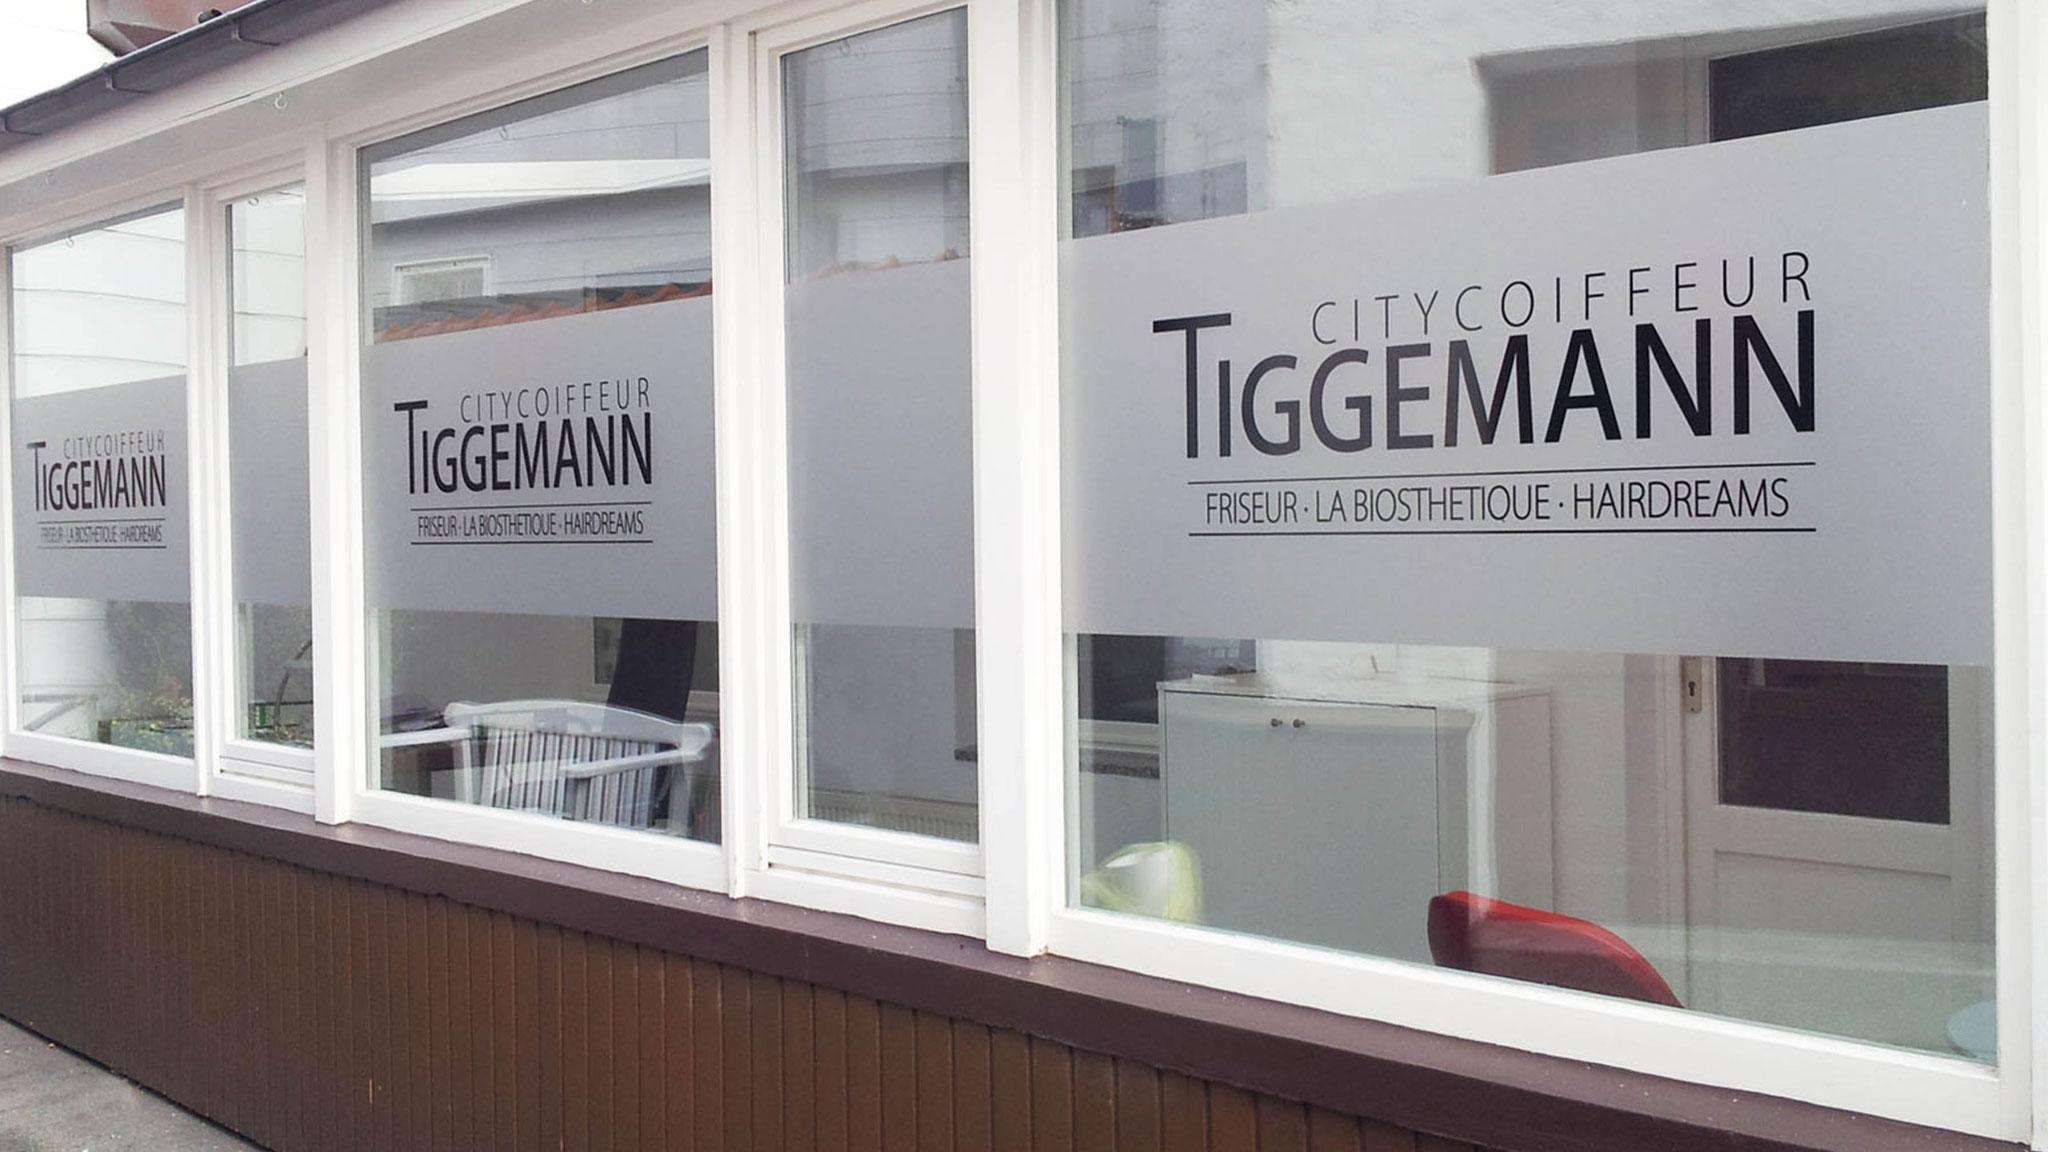 City Coiffeur Tiggemann